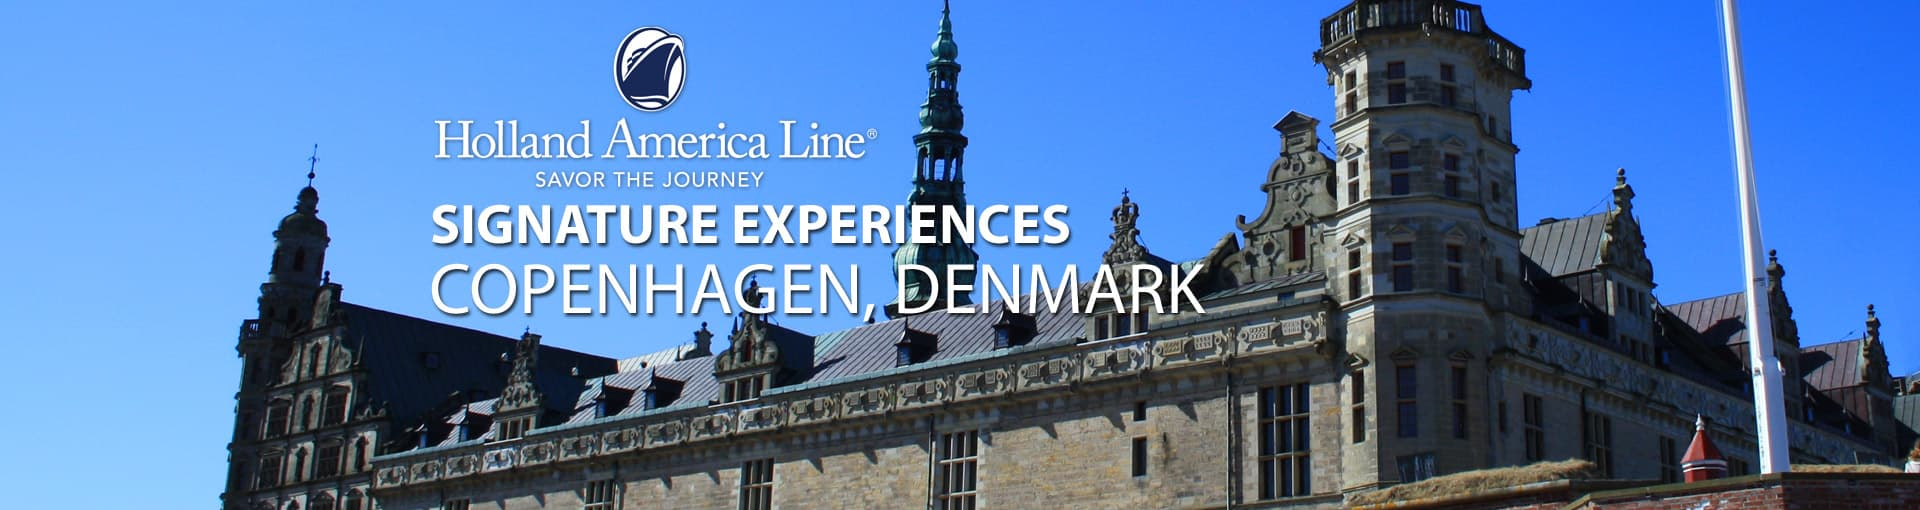 Holland America Signature Experiences - Copenhagen, Denmark